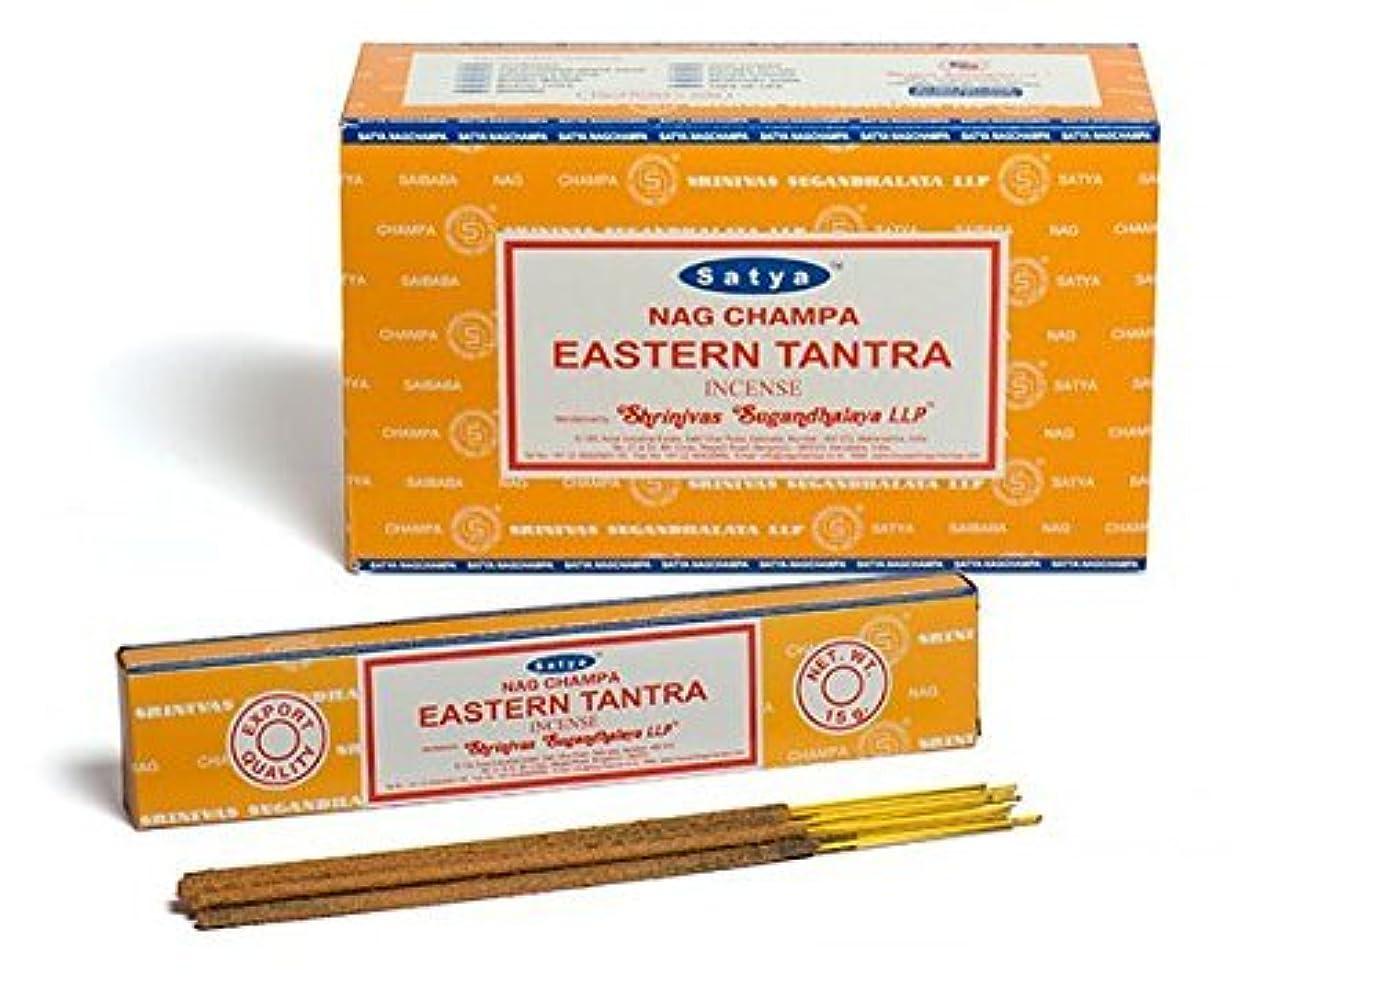 ネット恐れ極小Buycrafty Satya Champa Eastern Tantra Incense Stick,180 Grams Box (15g x 12 Boxes)